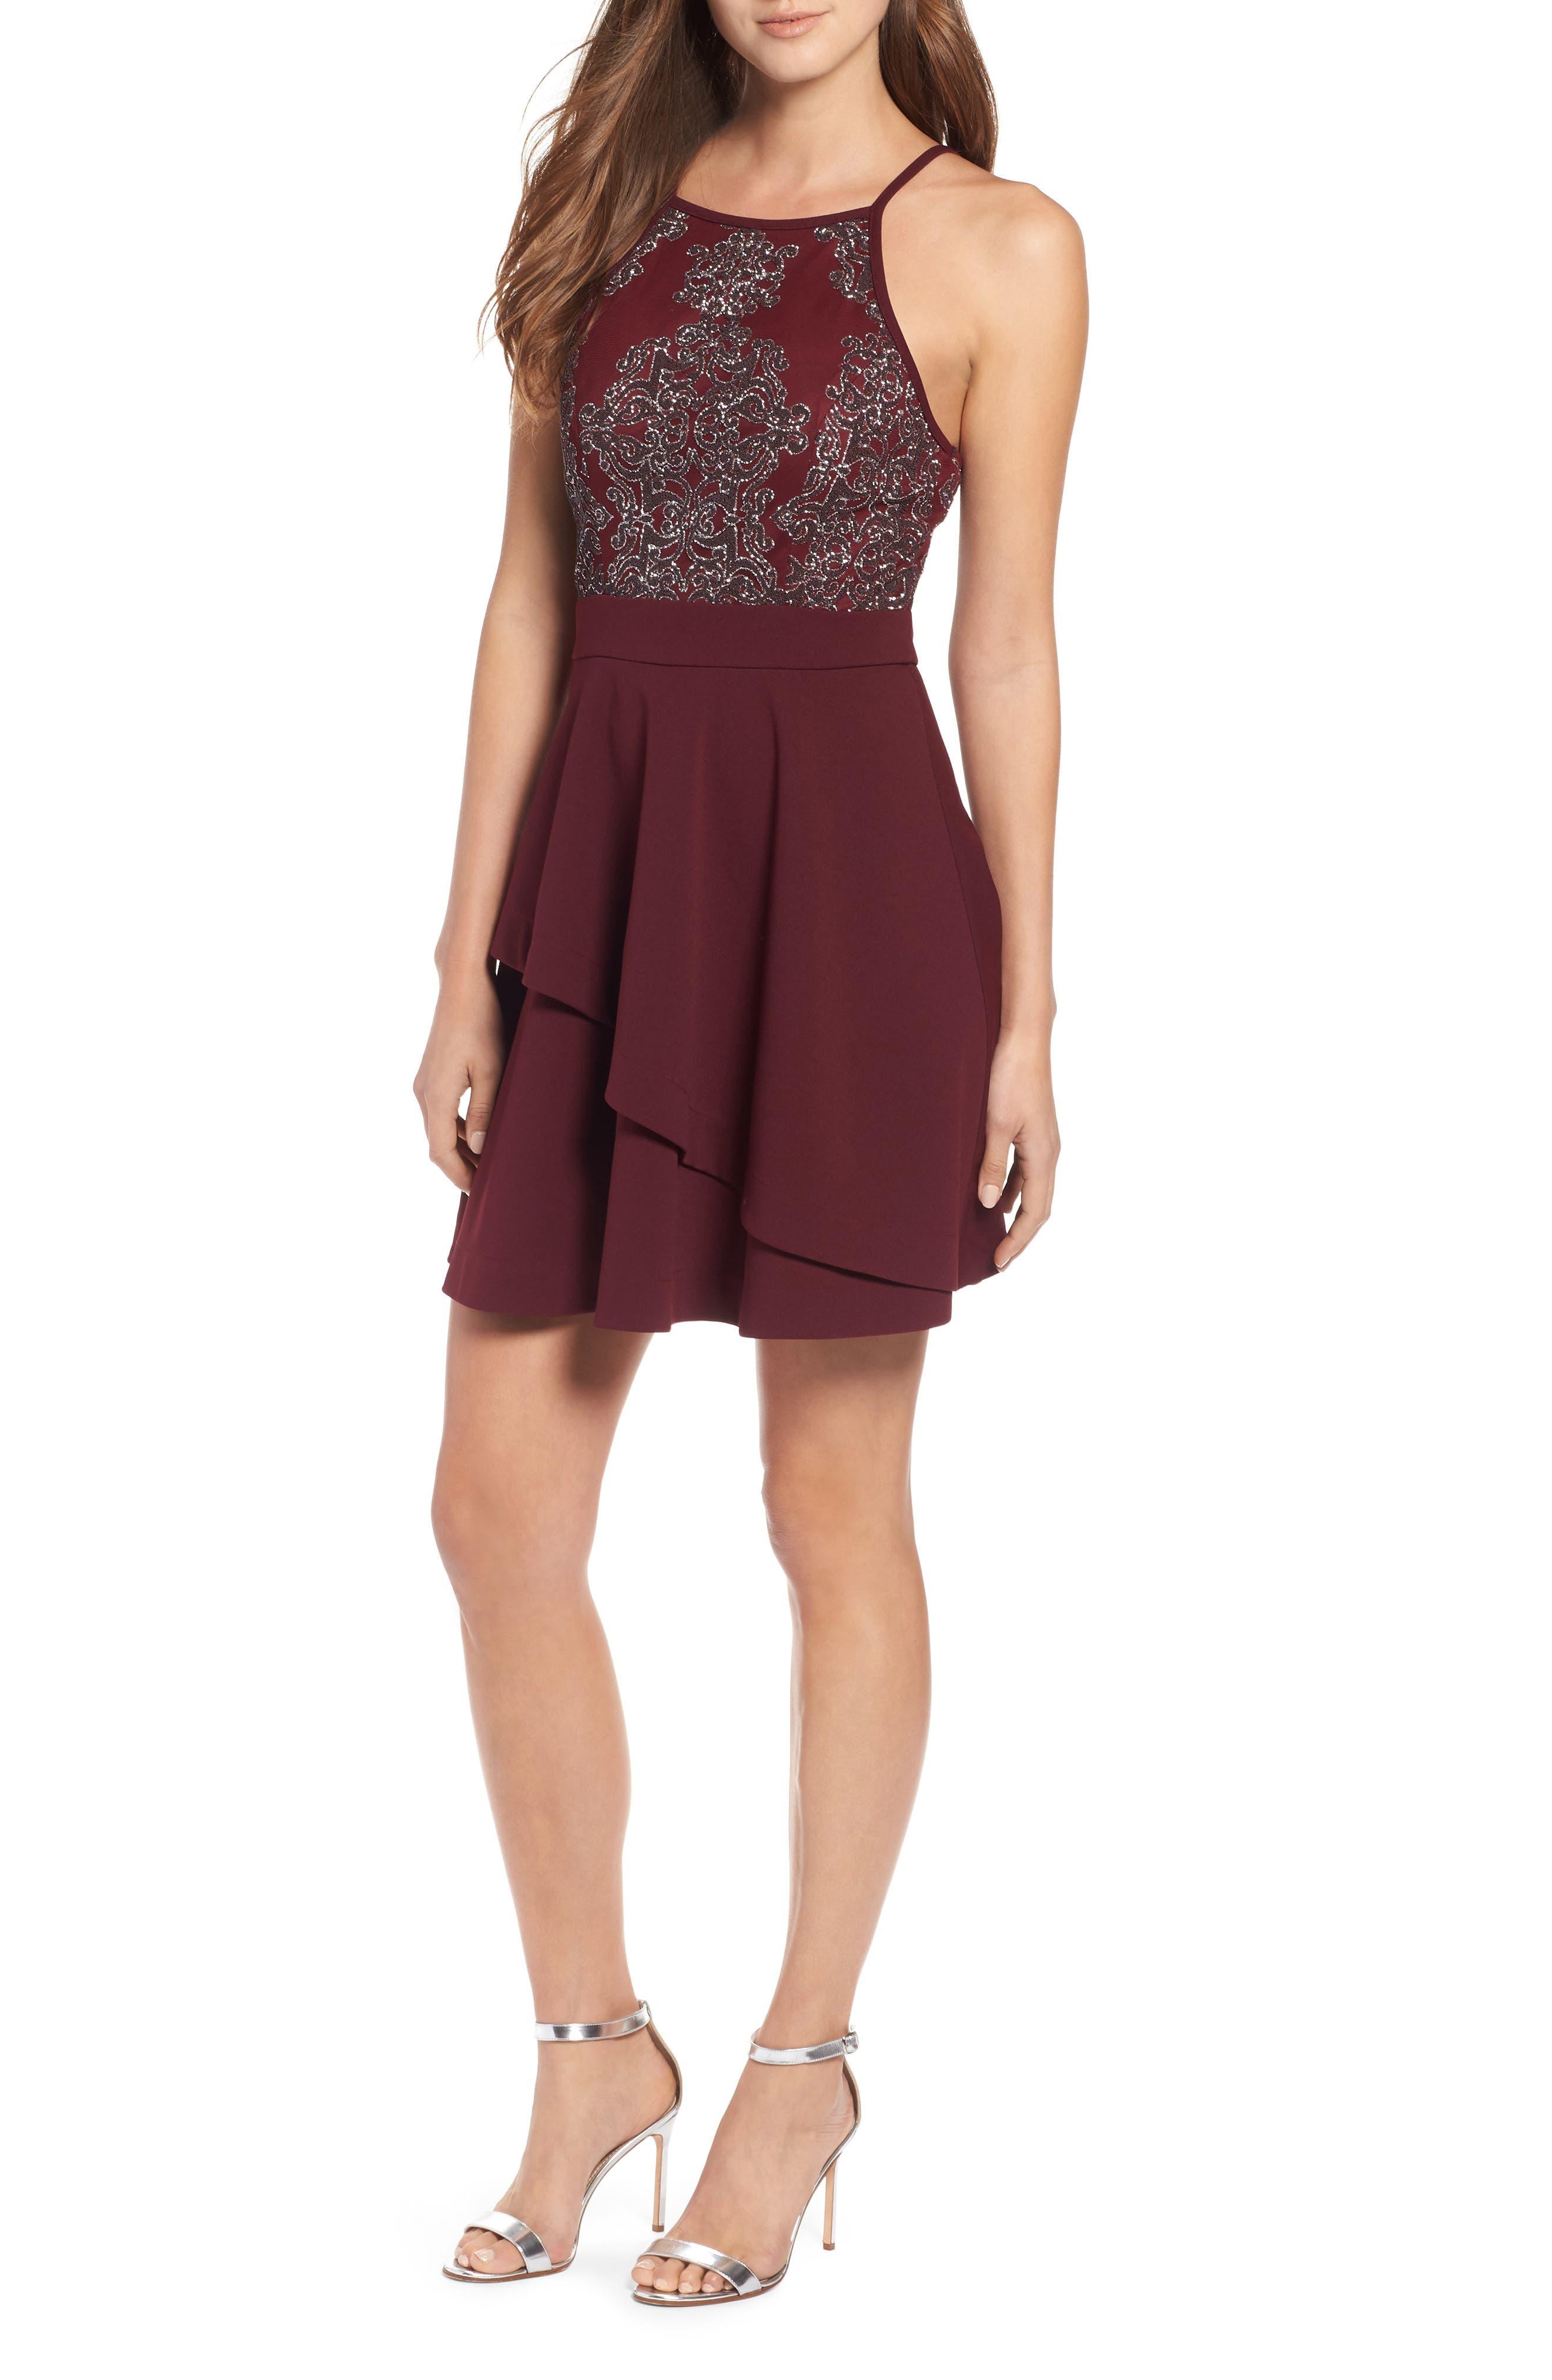 SPEECHLESS Beaded Skater Dress, Main, color, 930